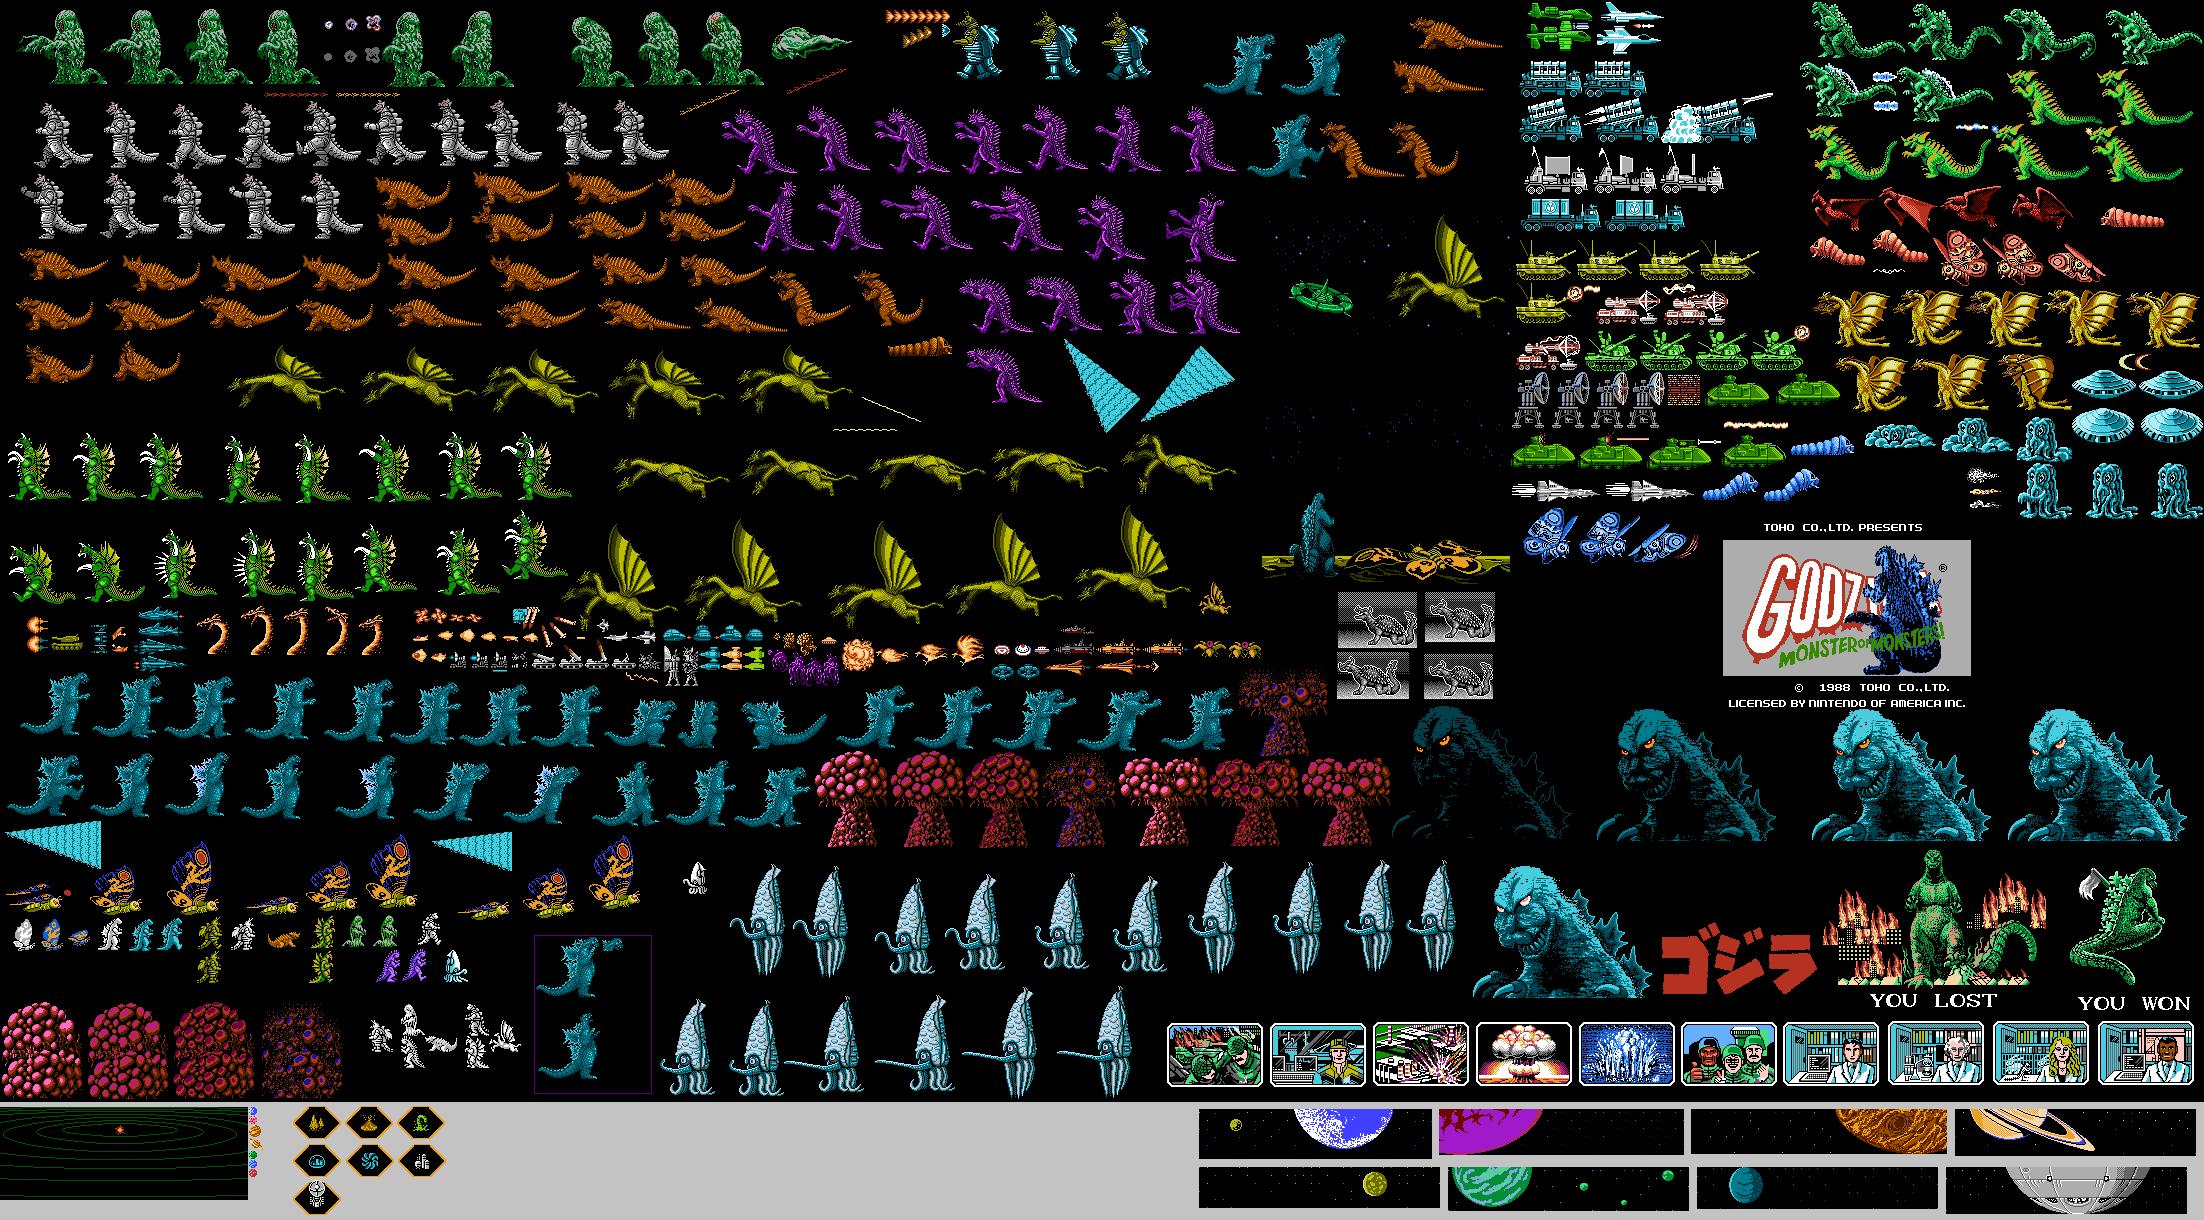 nintendo godzilla sprites by spacehunterm on deviantart